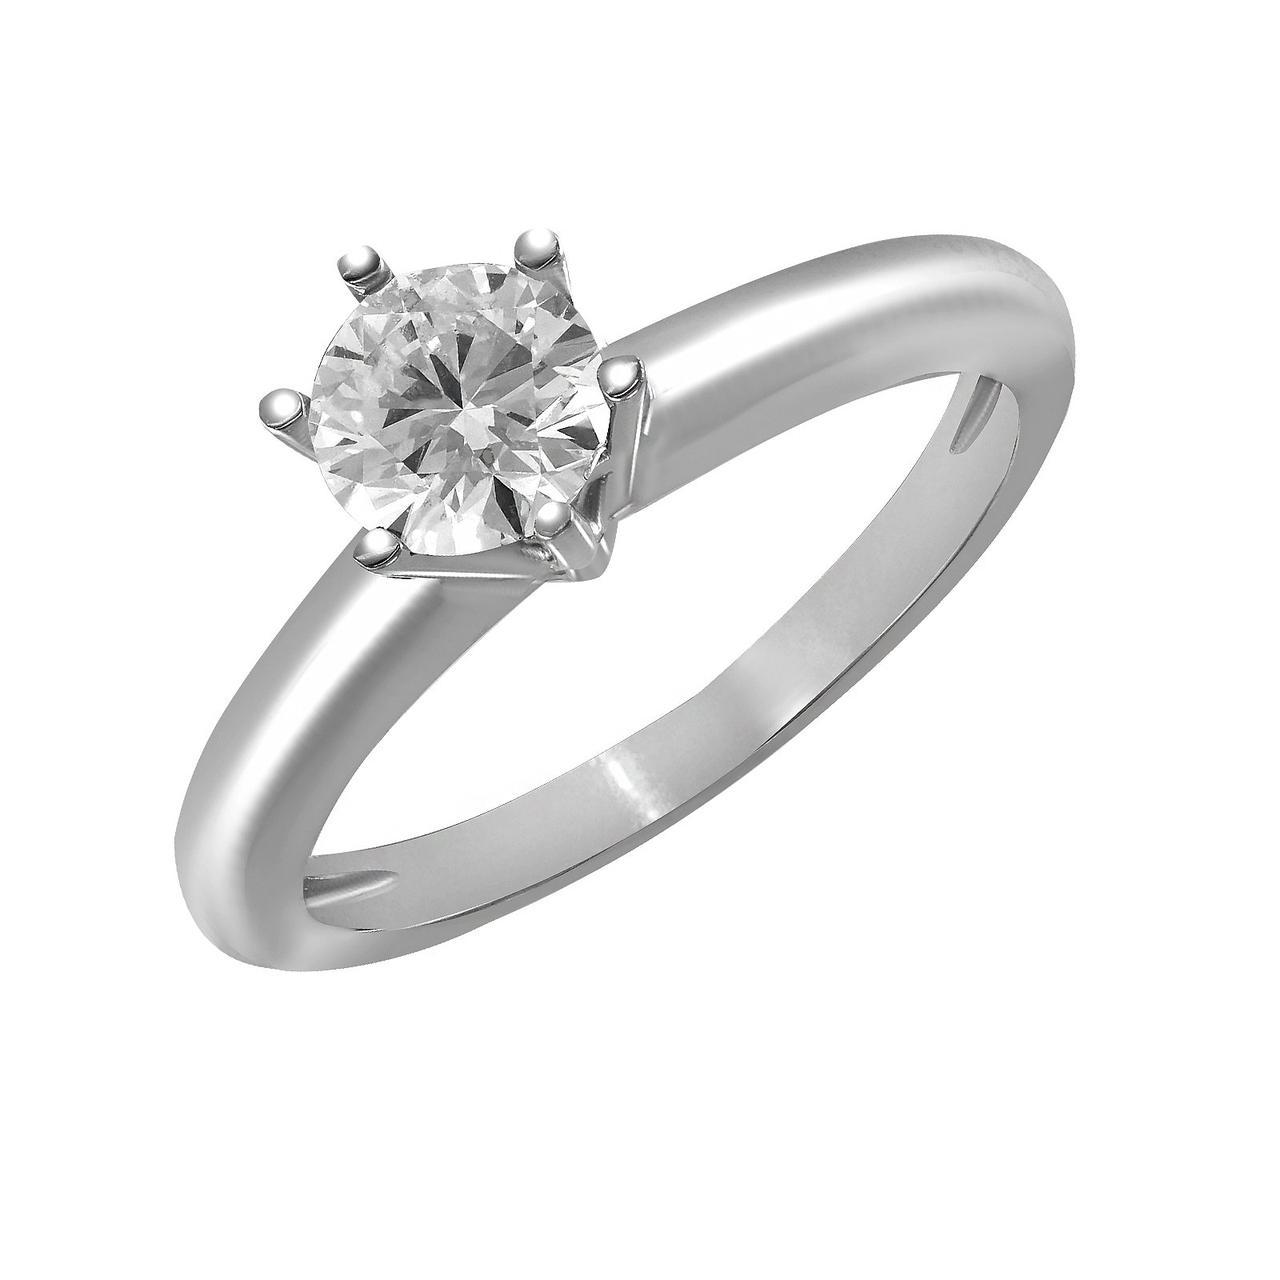 Золотое кольцо с бриллиантом, размер 17.5 (875661)